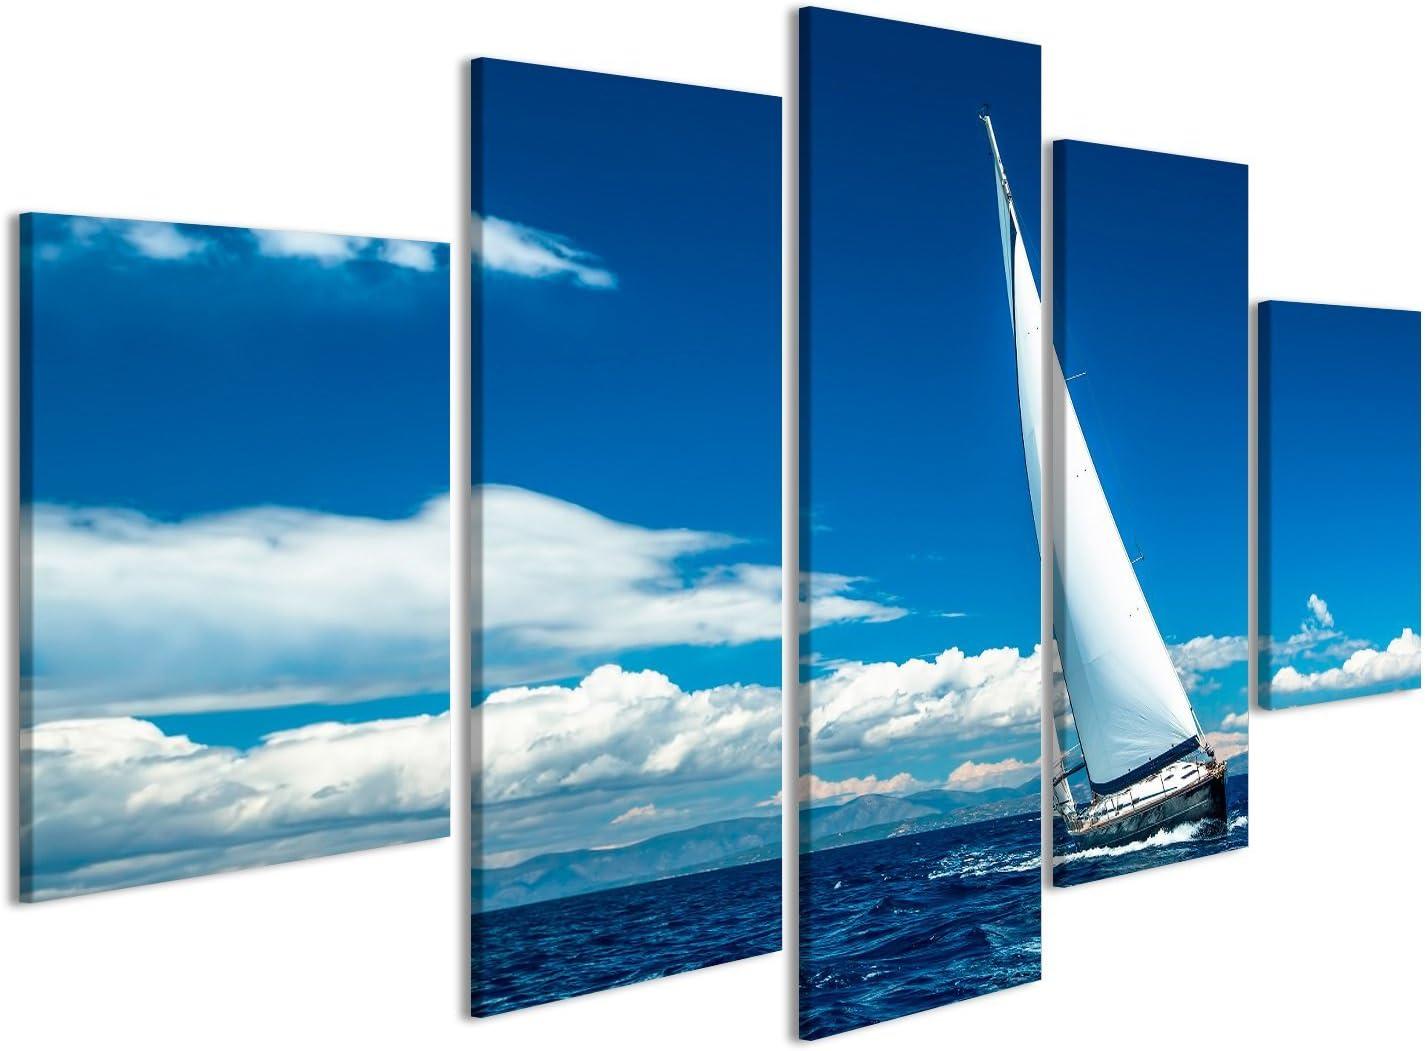 islandburner Cuadro Cuadros Navegación. Nave de Yates con Velas Blancas en mar Abierto. Barcos de Lujo. sobre Lienzo Formato Grande Listo para Colgar ...